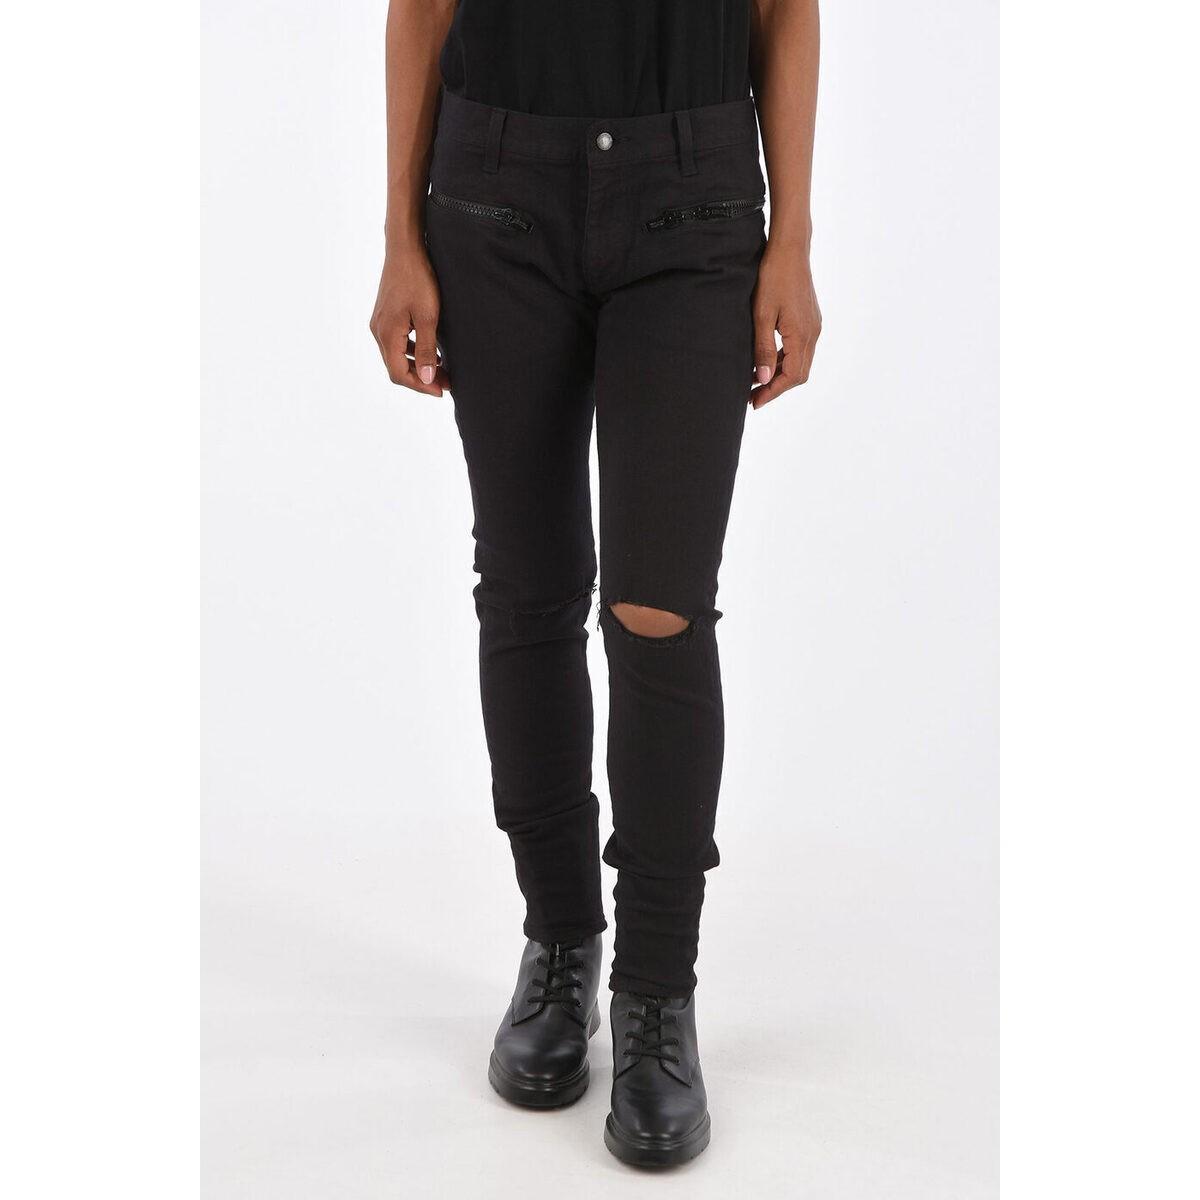 ボトムス, パンツ UNDERCOVER Black High Rise Skinny Fit Jeans dk